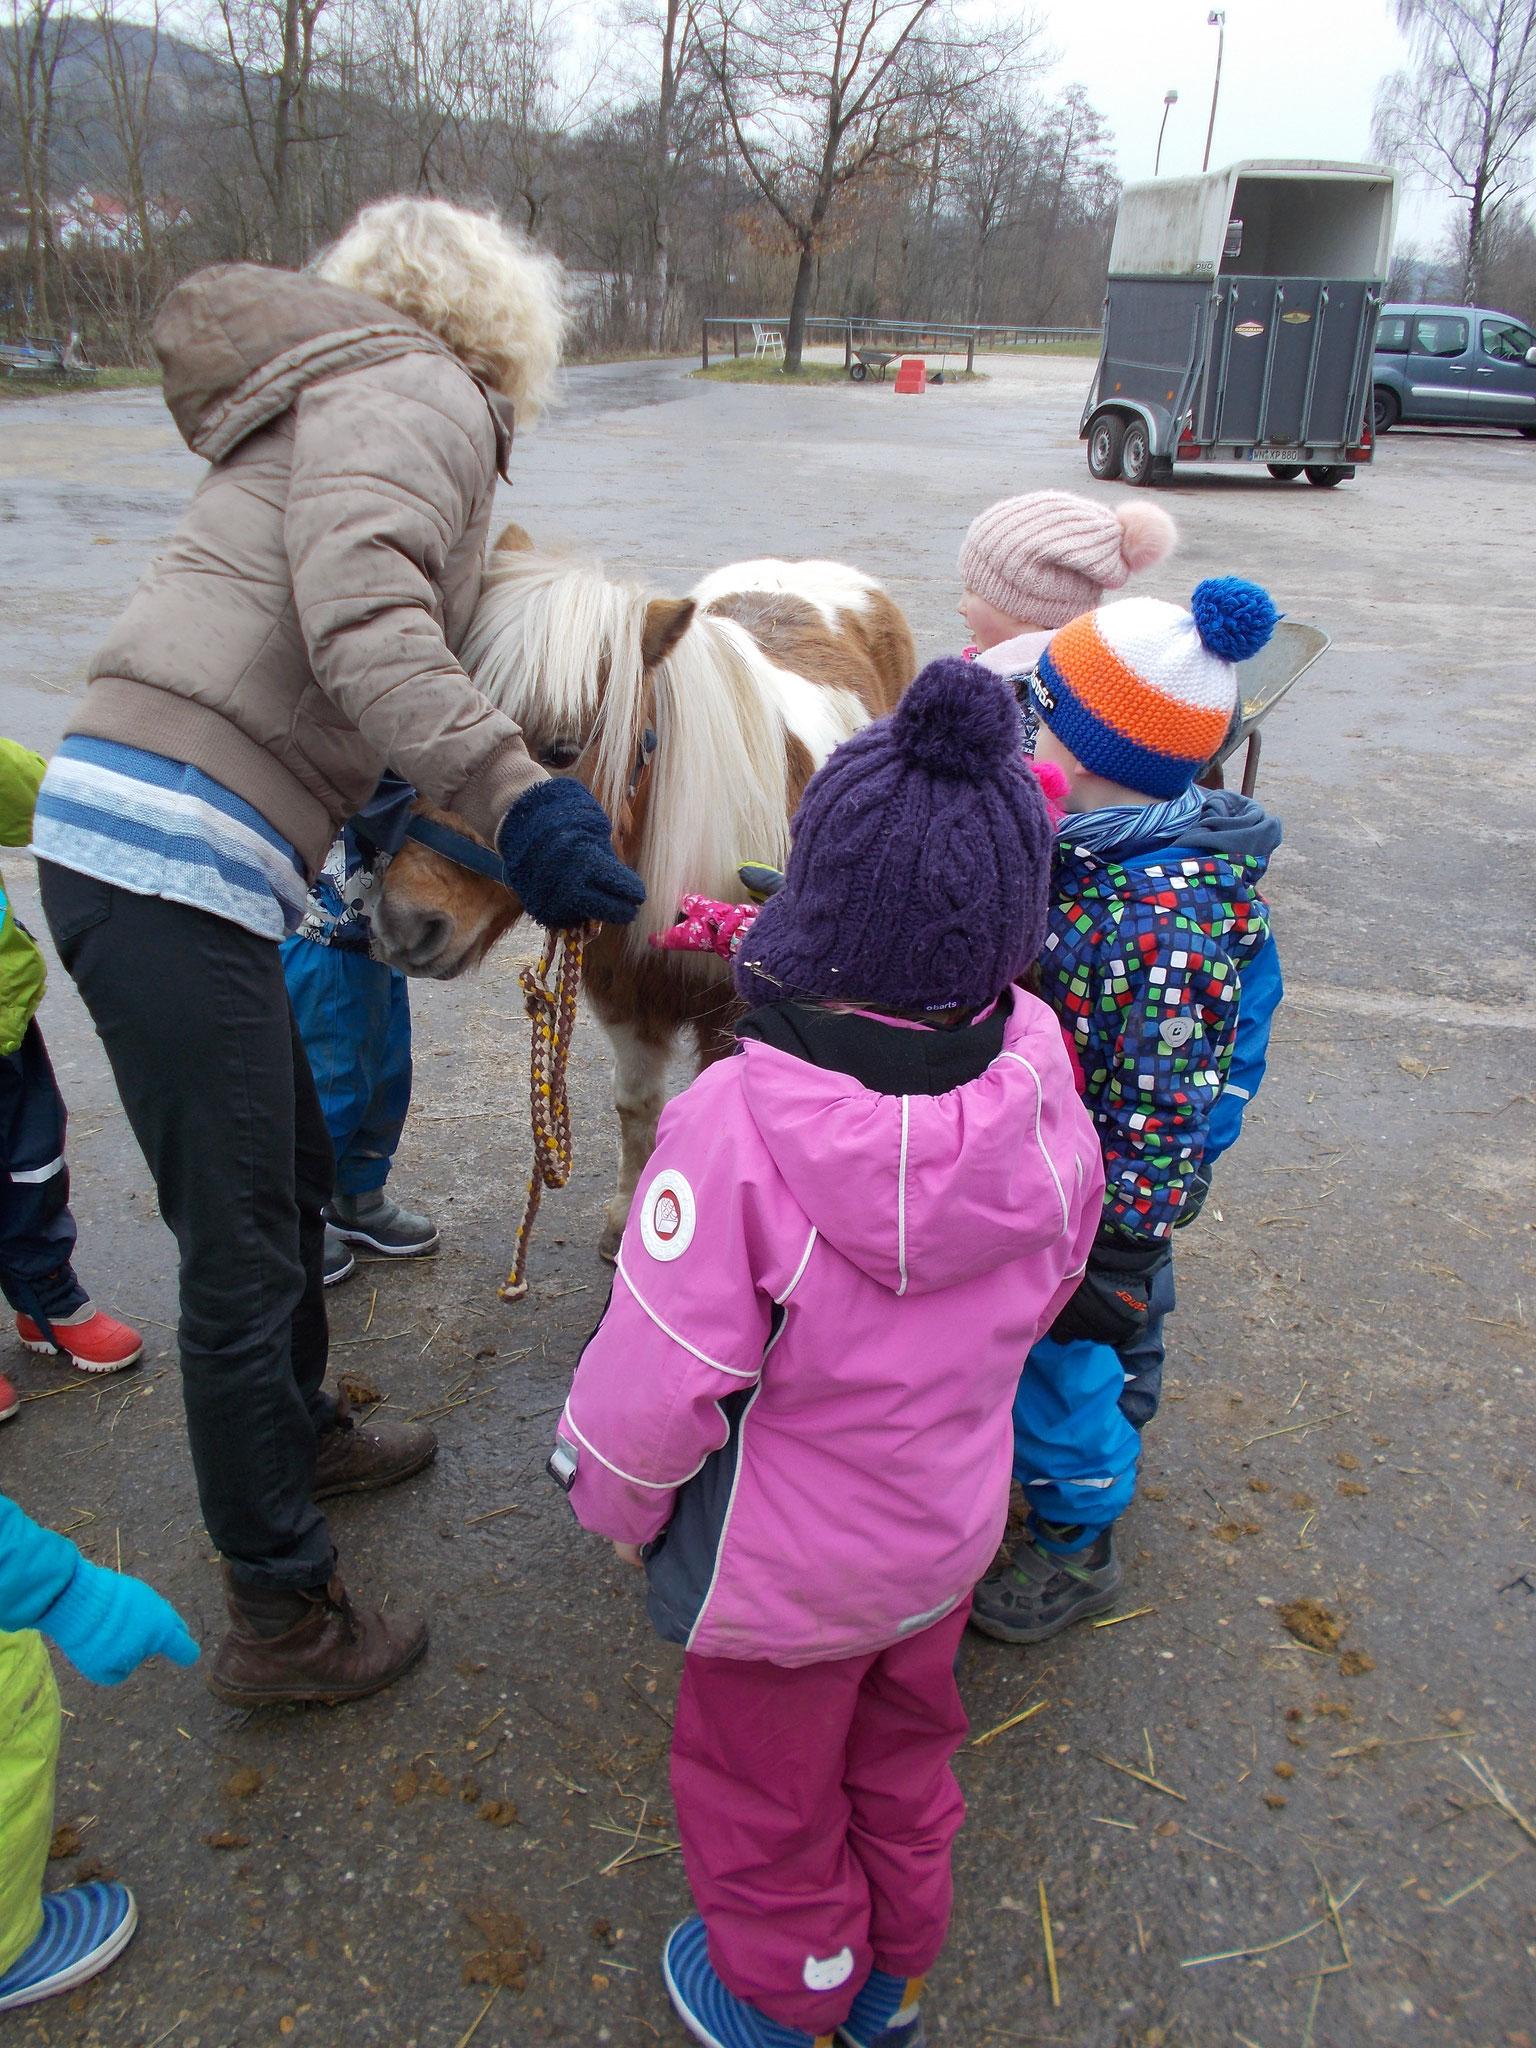 Pferd auf Augenhöhe - die kleine Nora hat genau die richtige Größe.